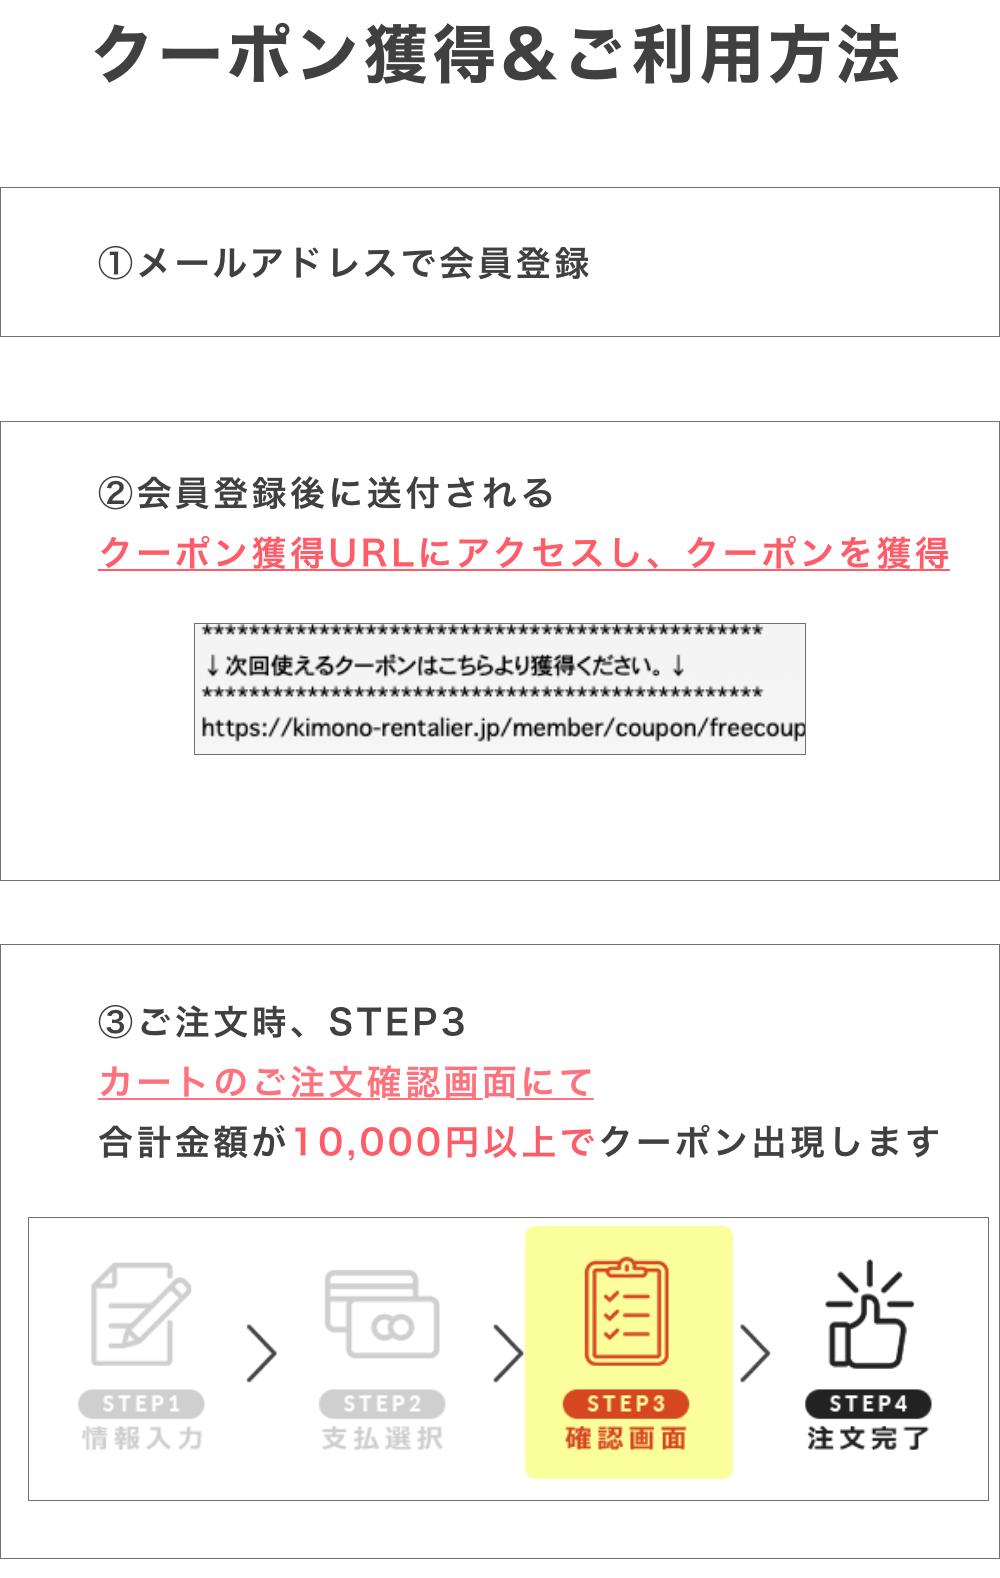 きものレンタリエ会員登録特典